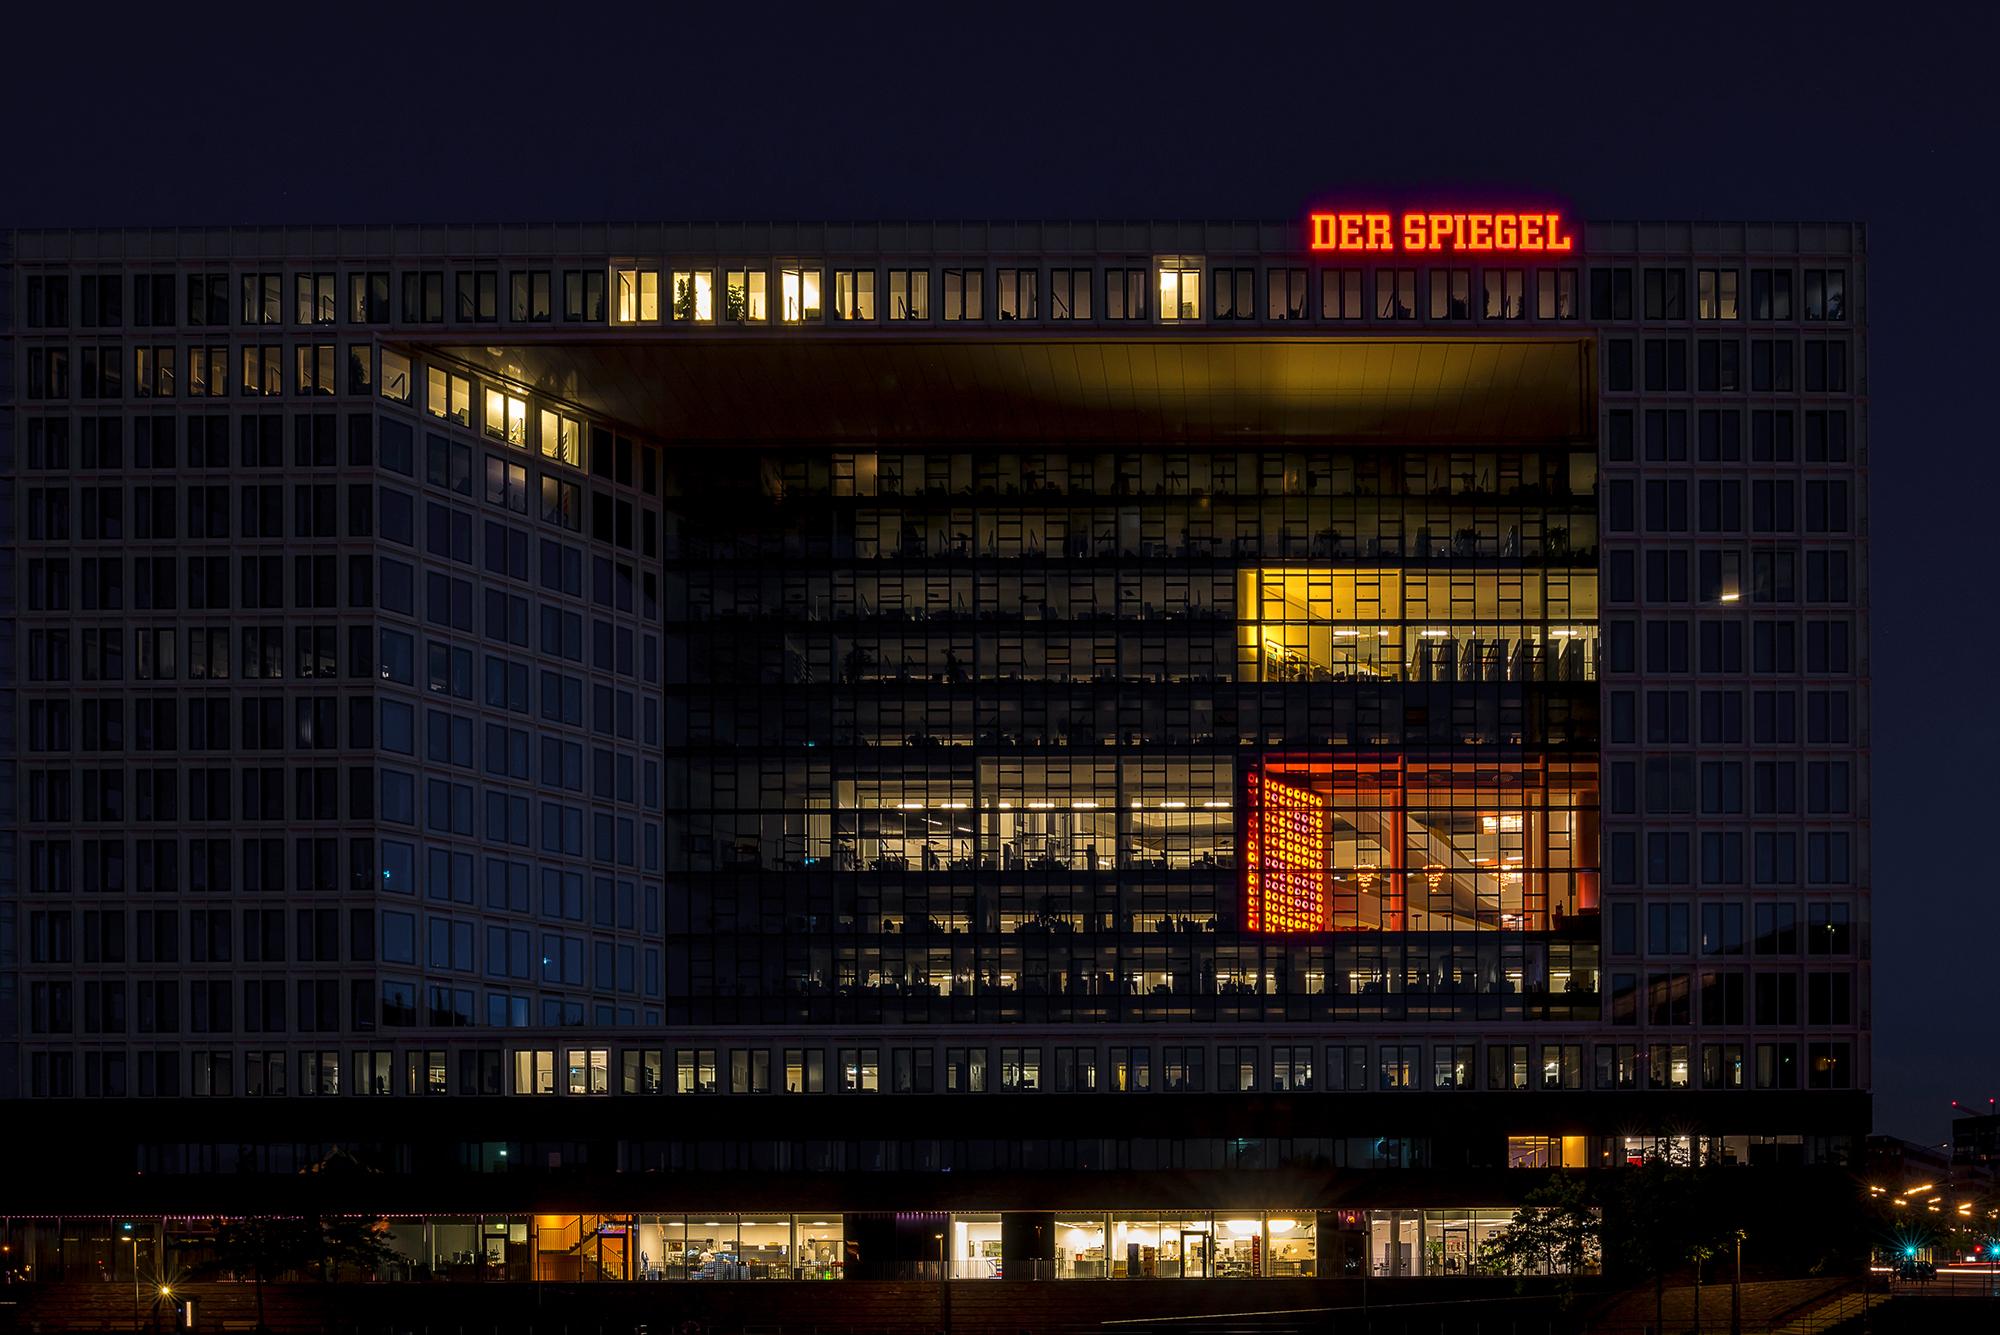 Hamburg DER SPIEGEL, Germany